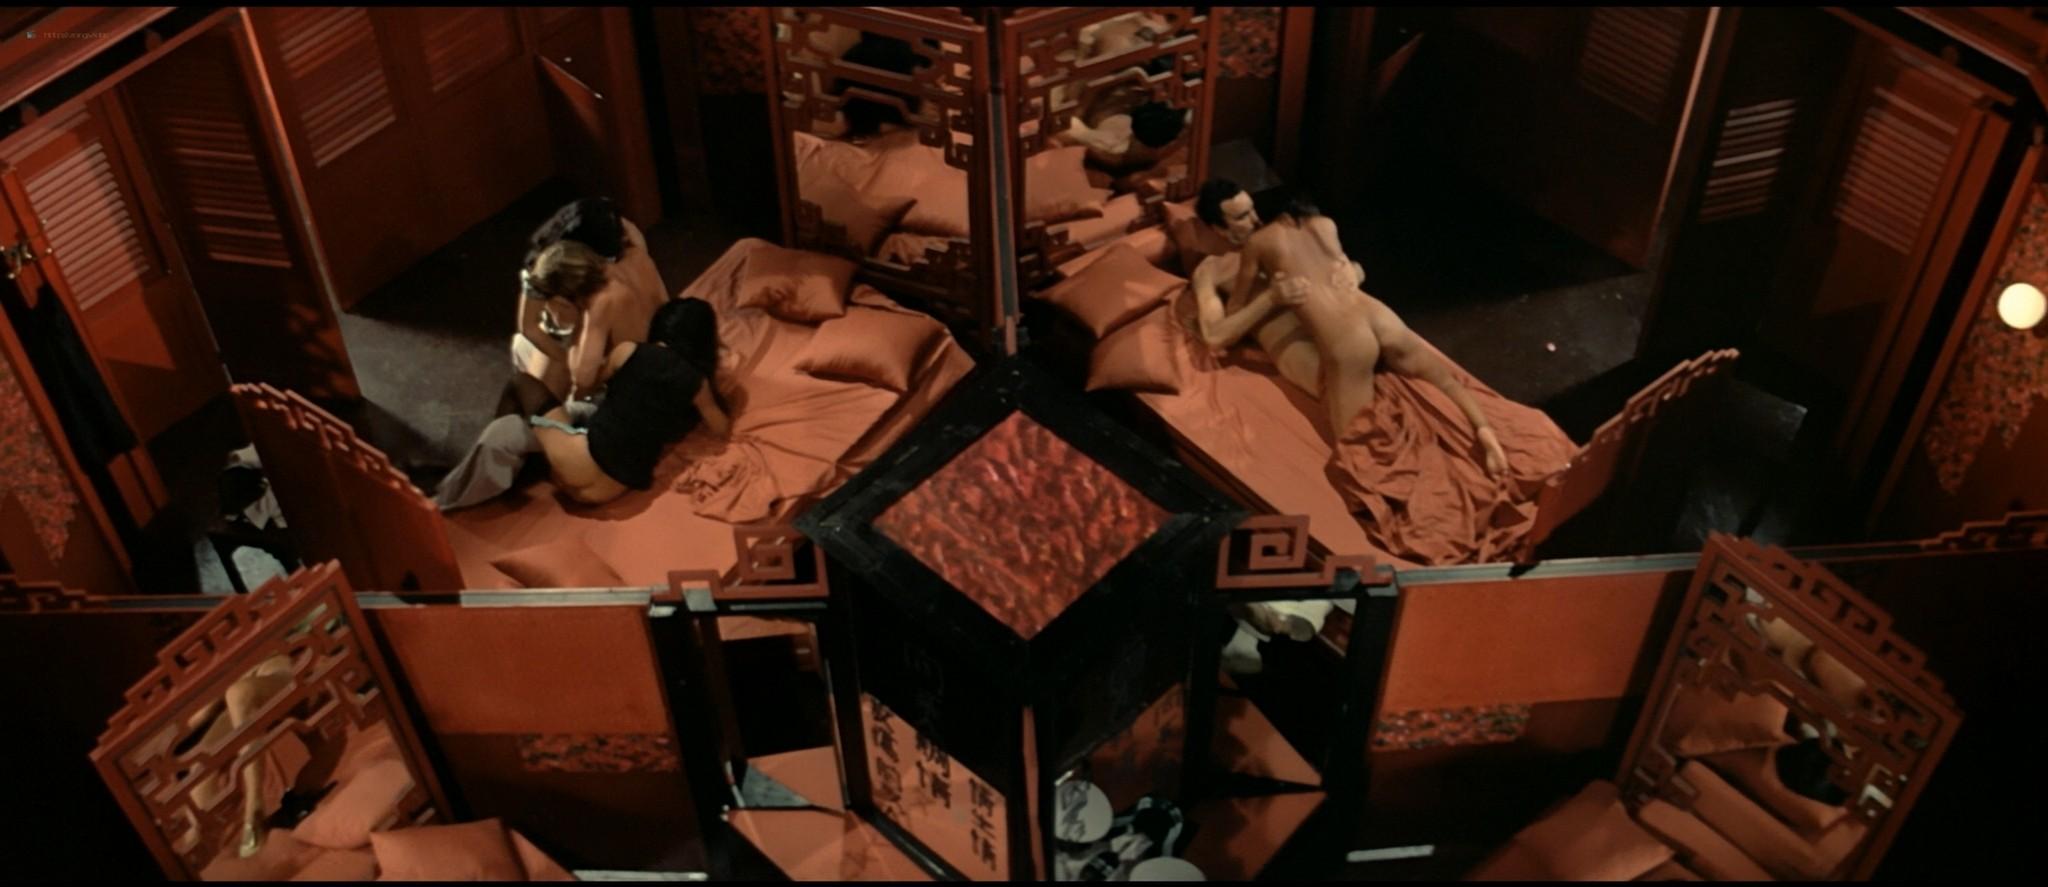 Sylvia Kristel nude sex threesome Catherine Rivet, Laura Gemser nude - Emmanuelle 2 (1975) HD 1080p REMUX (14)